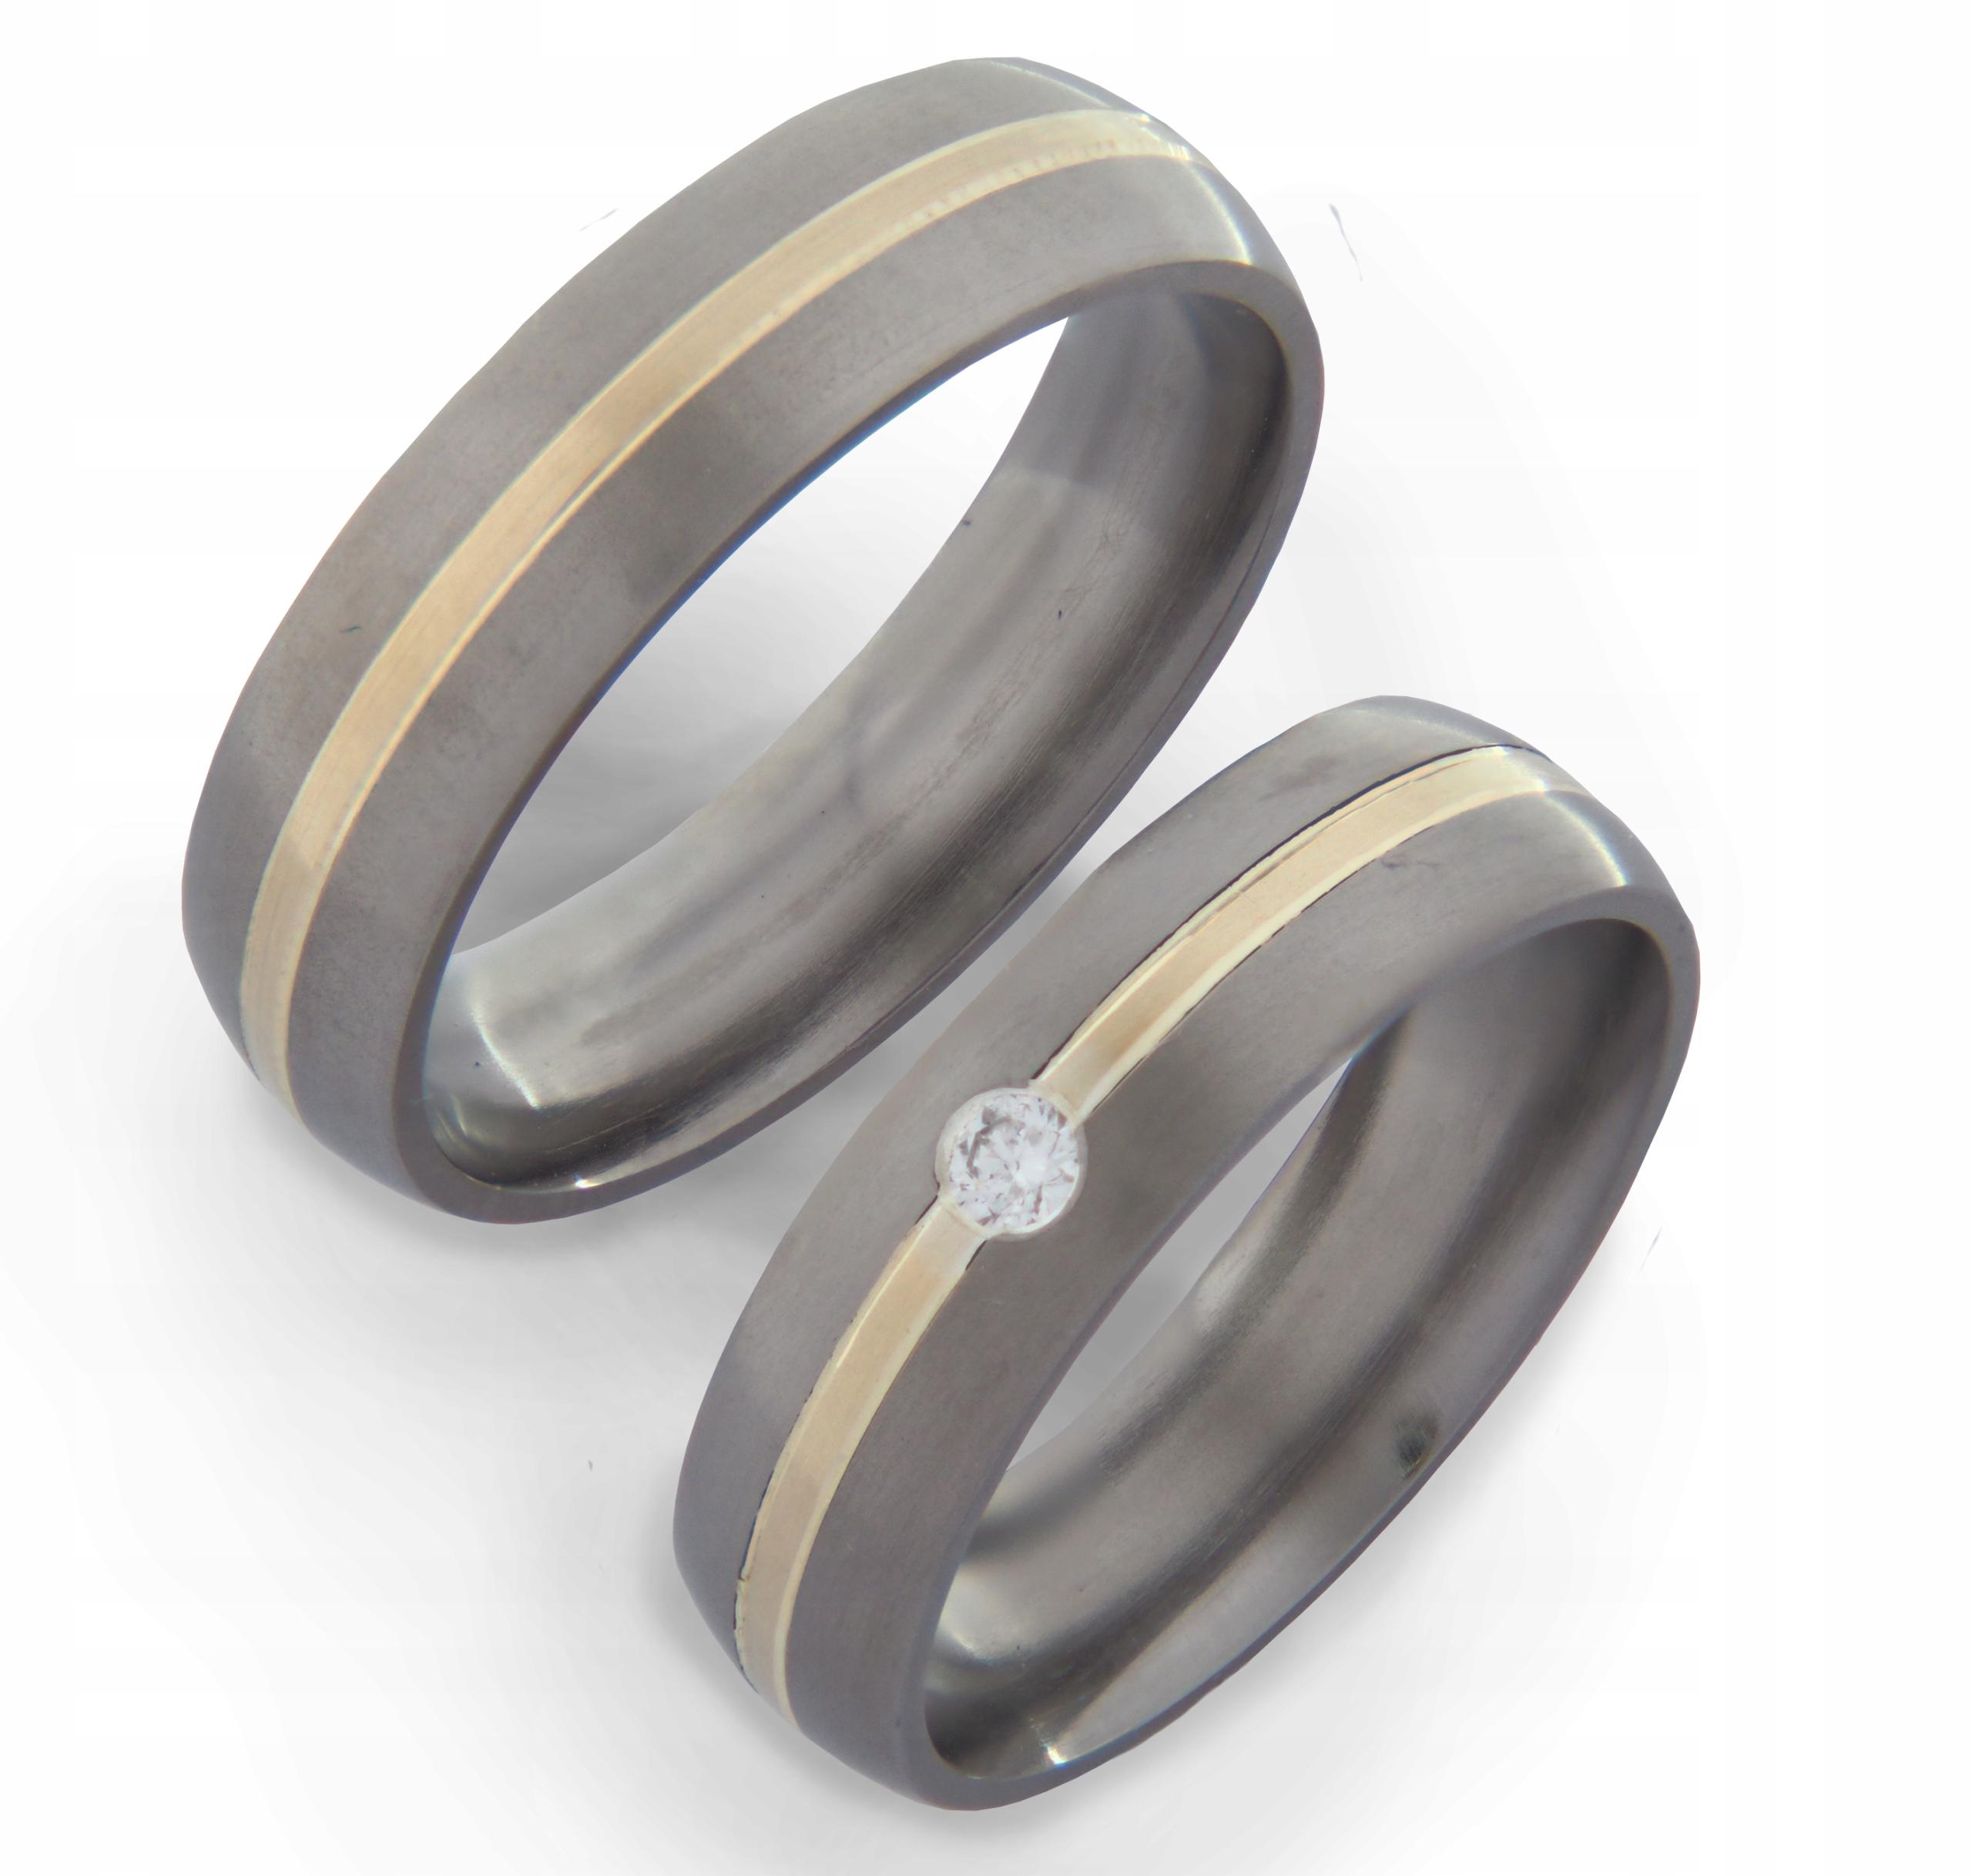 обручальные кольца из титана купить в москве